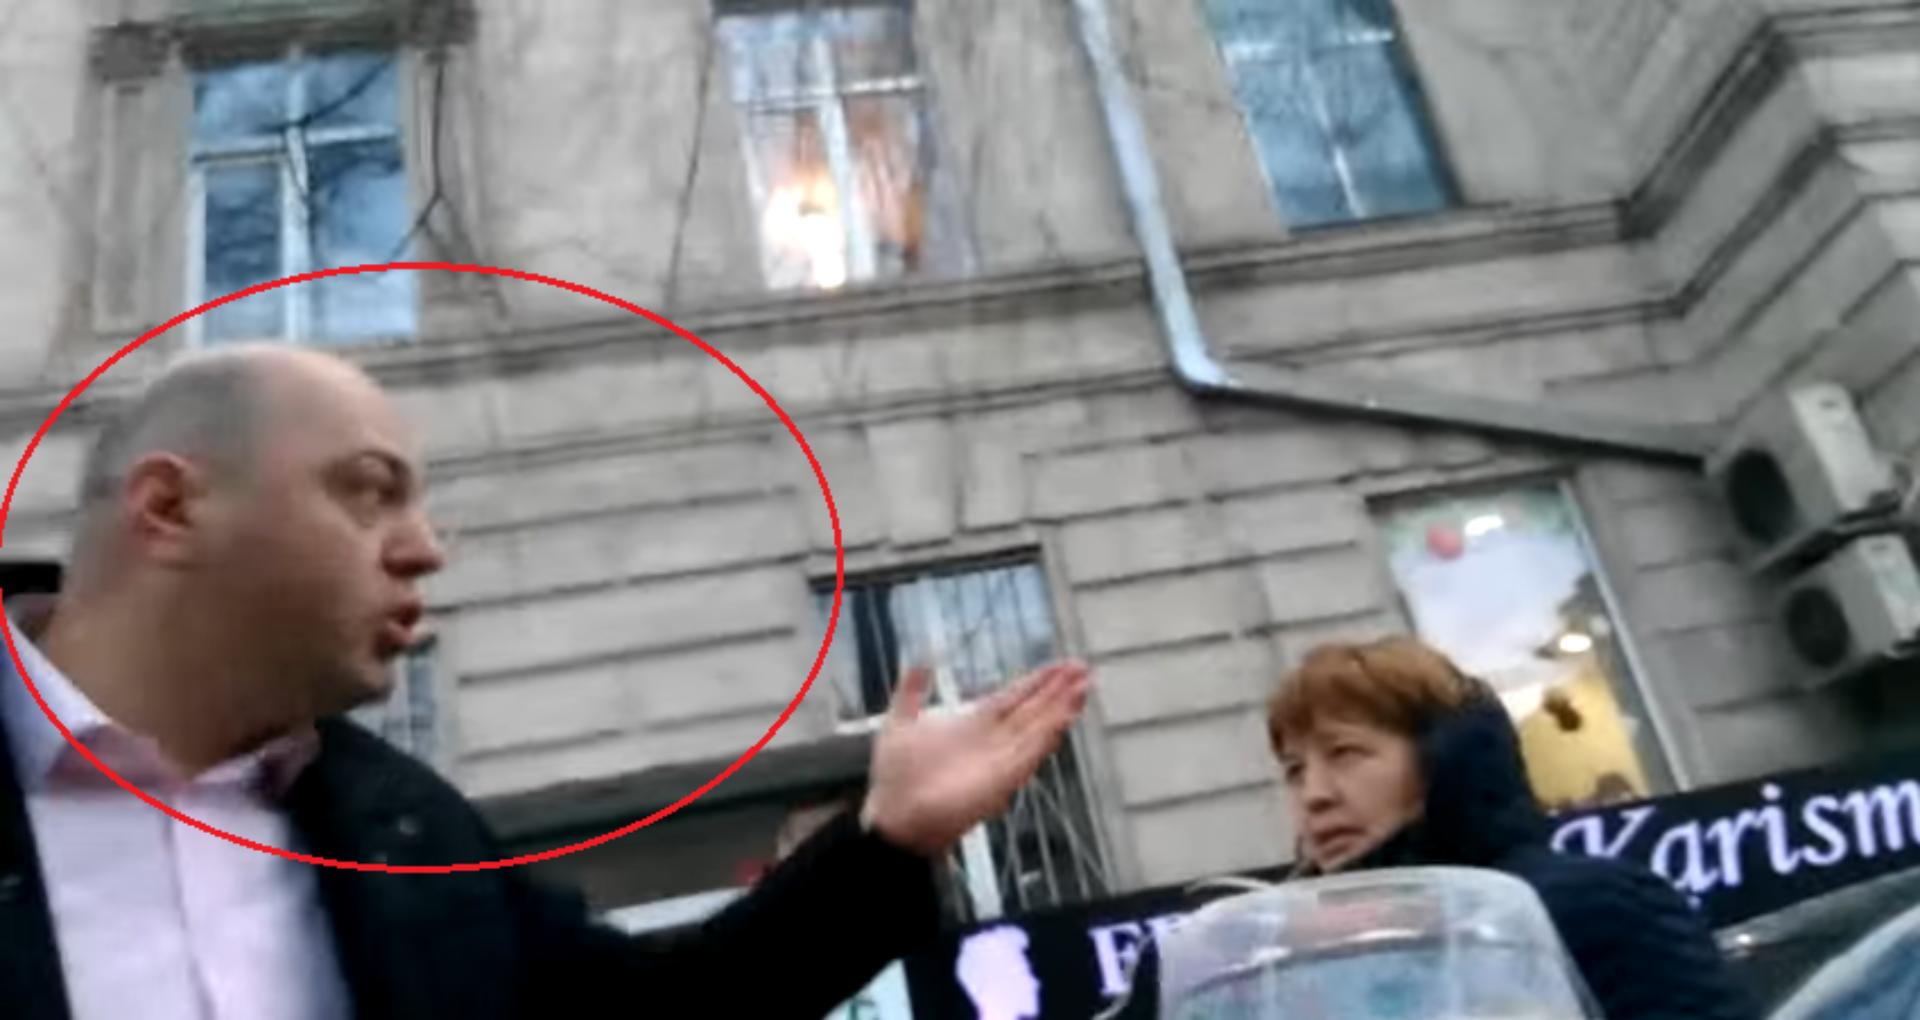 VIDEO/ Câștig de cauză pentru activistul care l-a filmat pe procurorul Dulgheru în timp ce se deplasa cu mașina pe trotuar